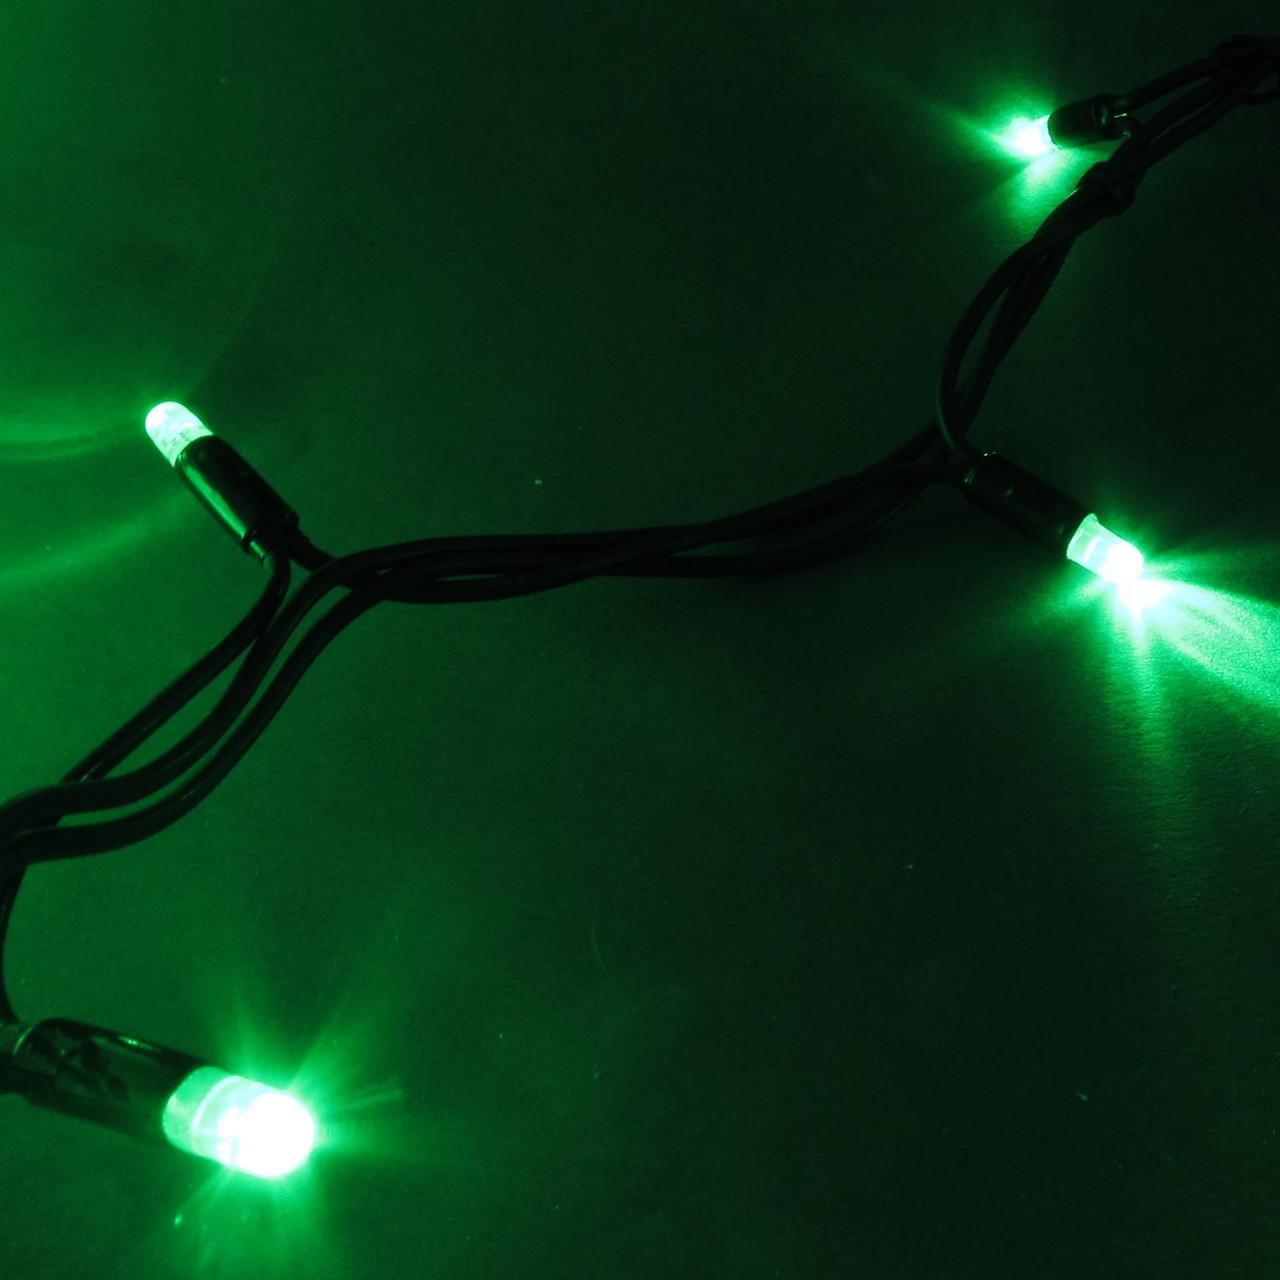 Светодиодная гирлянда Нить 10м, 100 LED, Каучук